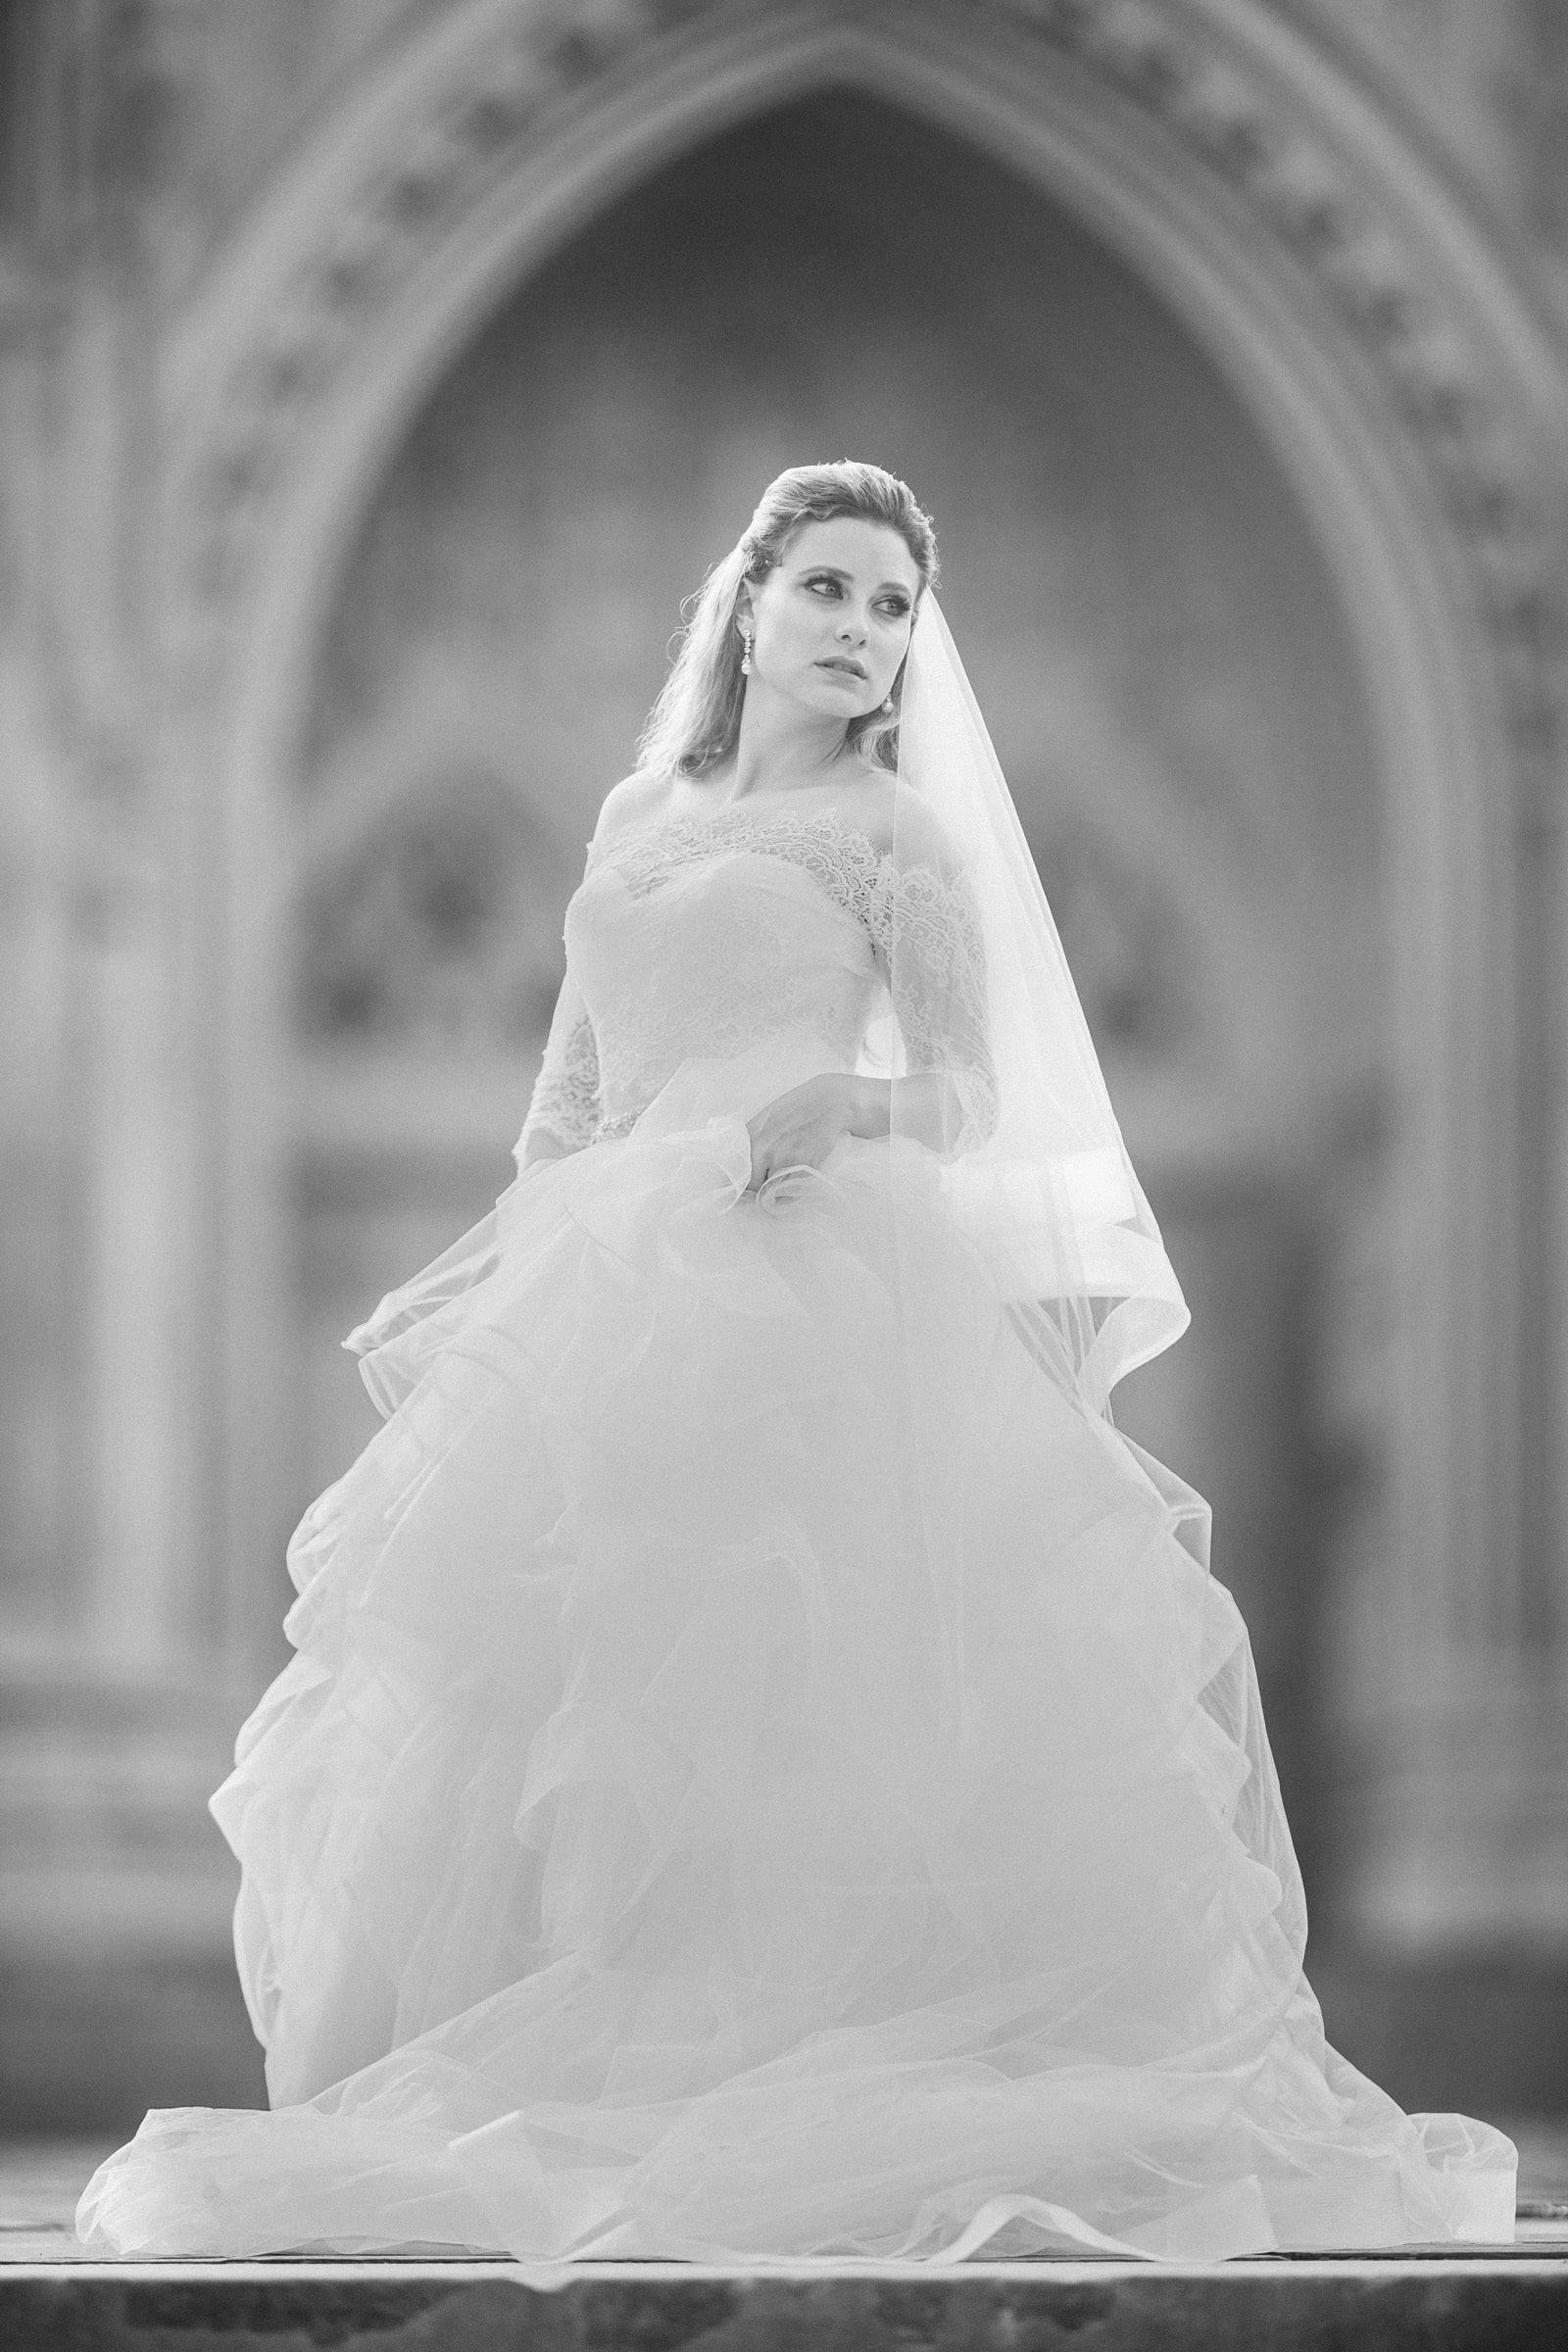 Duke Chapel Bridal Portait in B&W